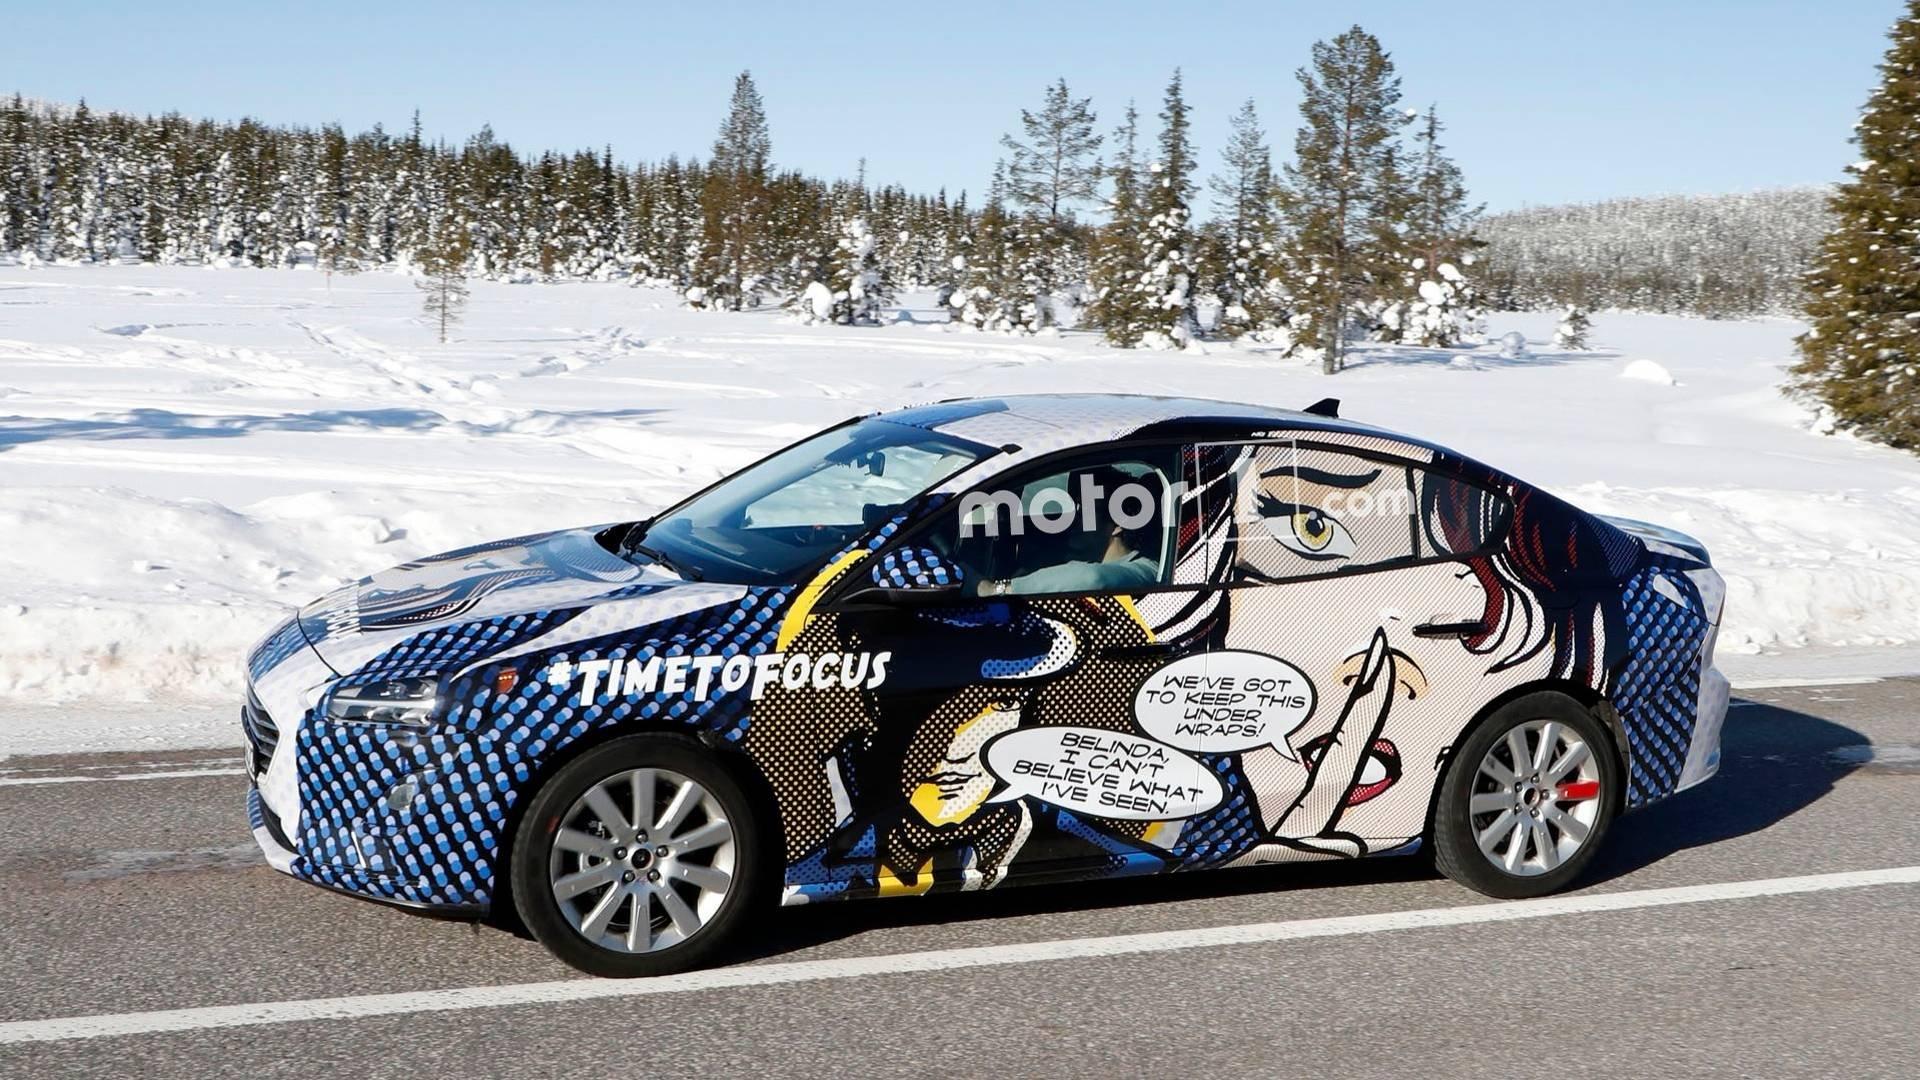 Нов�й ford focus в к�зове �едан �е��и��е��я в 171кам��ляже